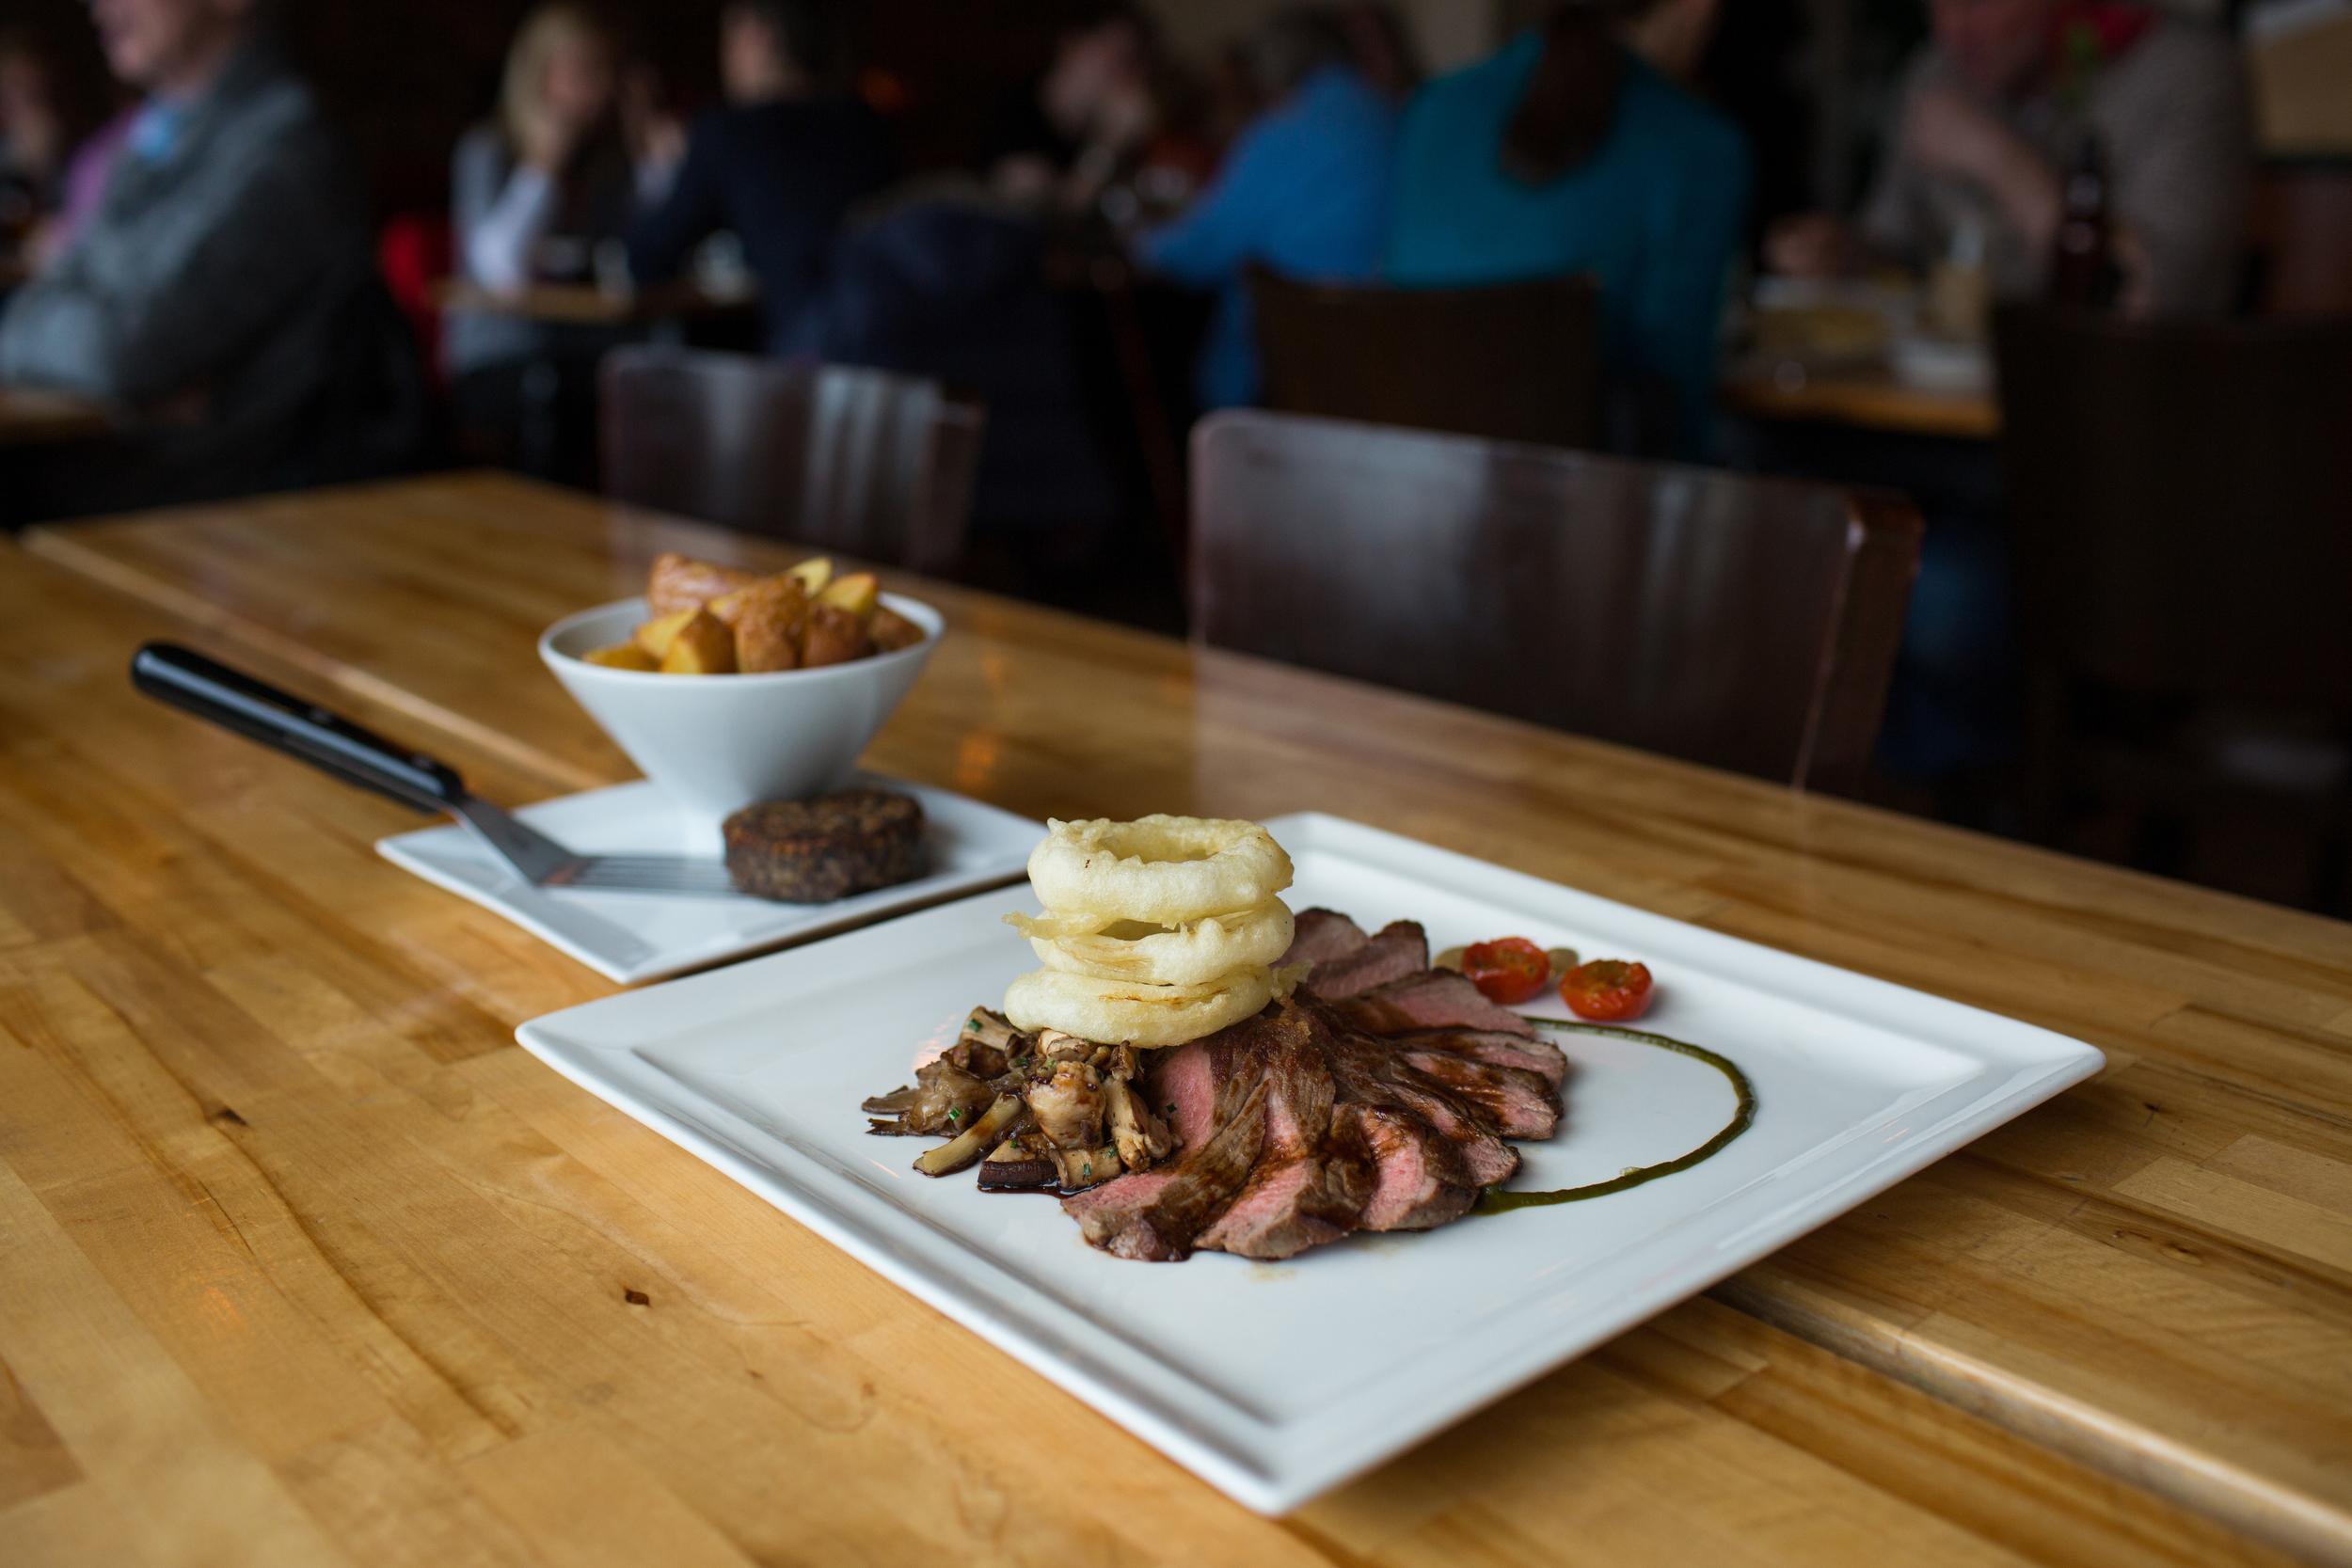 papamacs-gourmet-kitchen-restaurant-johnstone-renfrewshire-steak-night-beef-sirloin.jpg